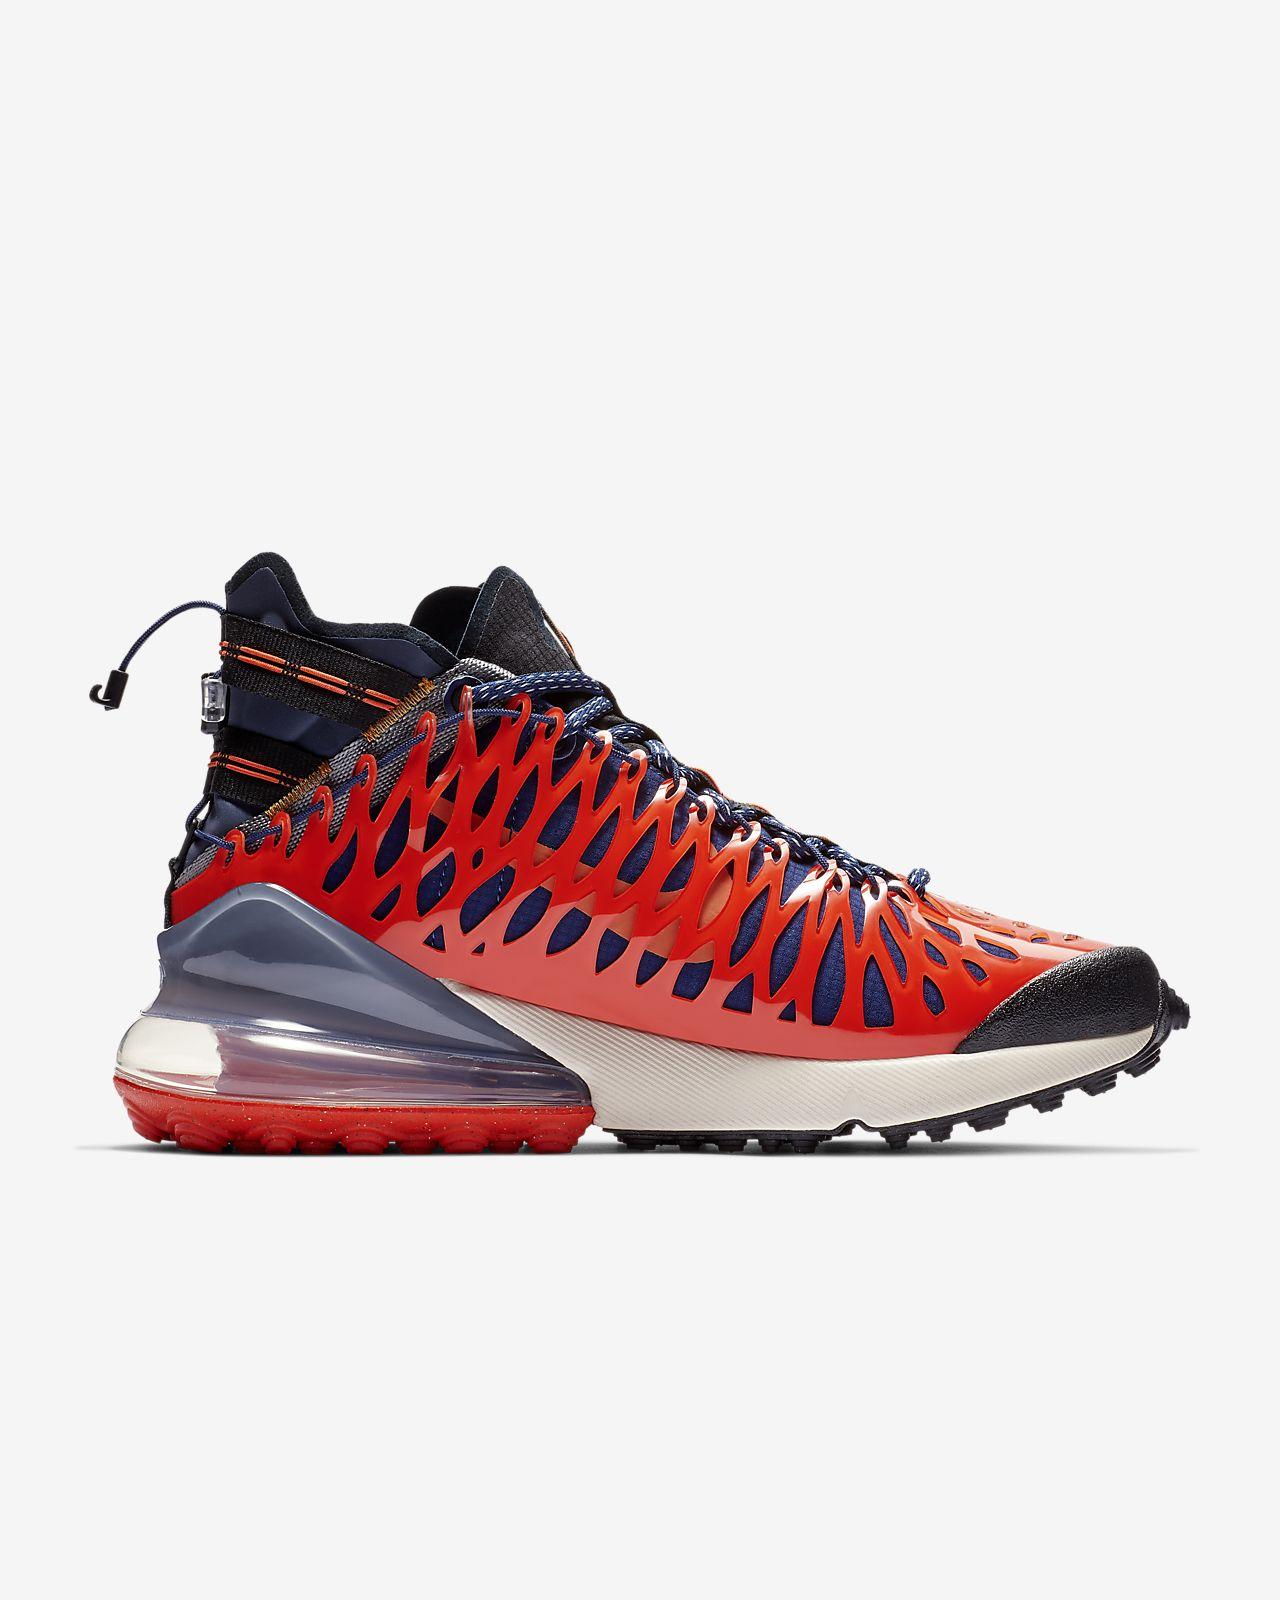 Nike 270 Chaussure Air Max Homme Ispa Pour RLcAj34q5